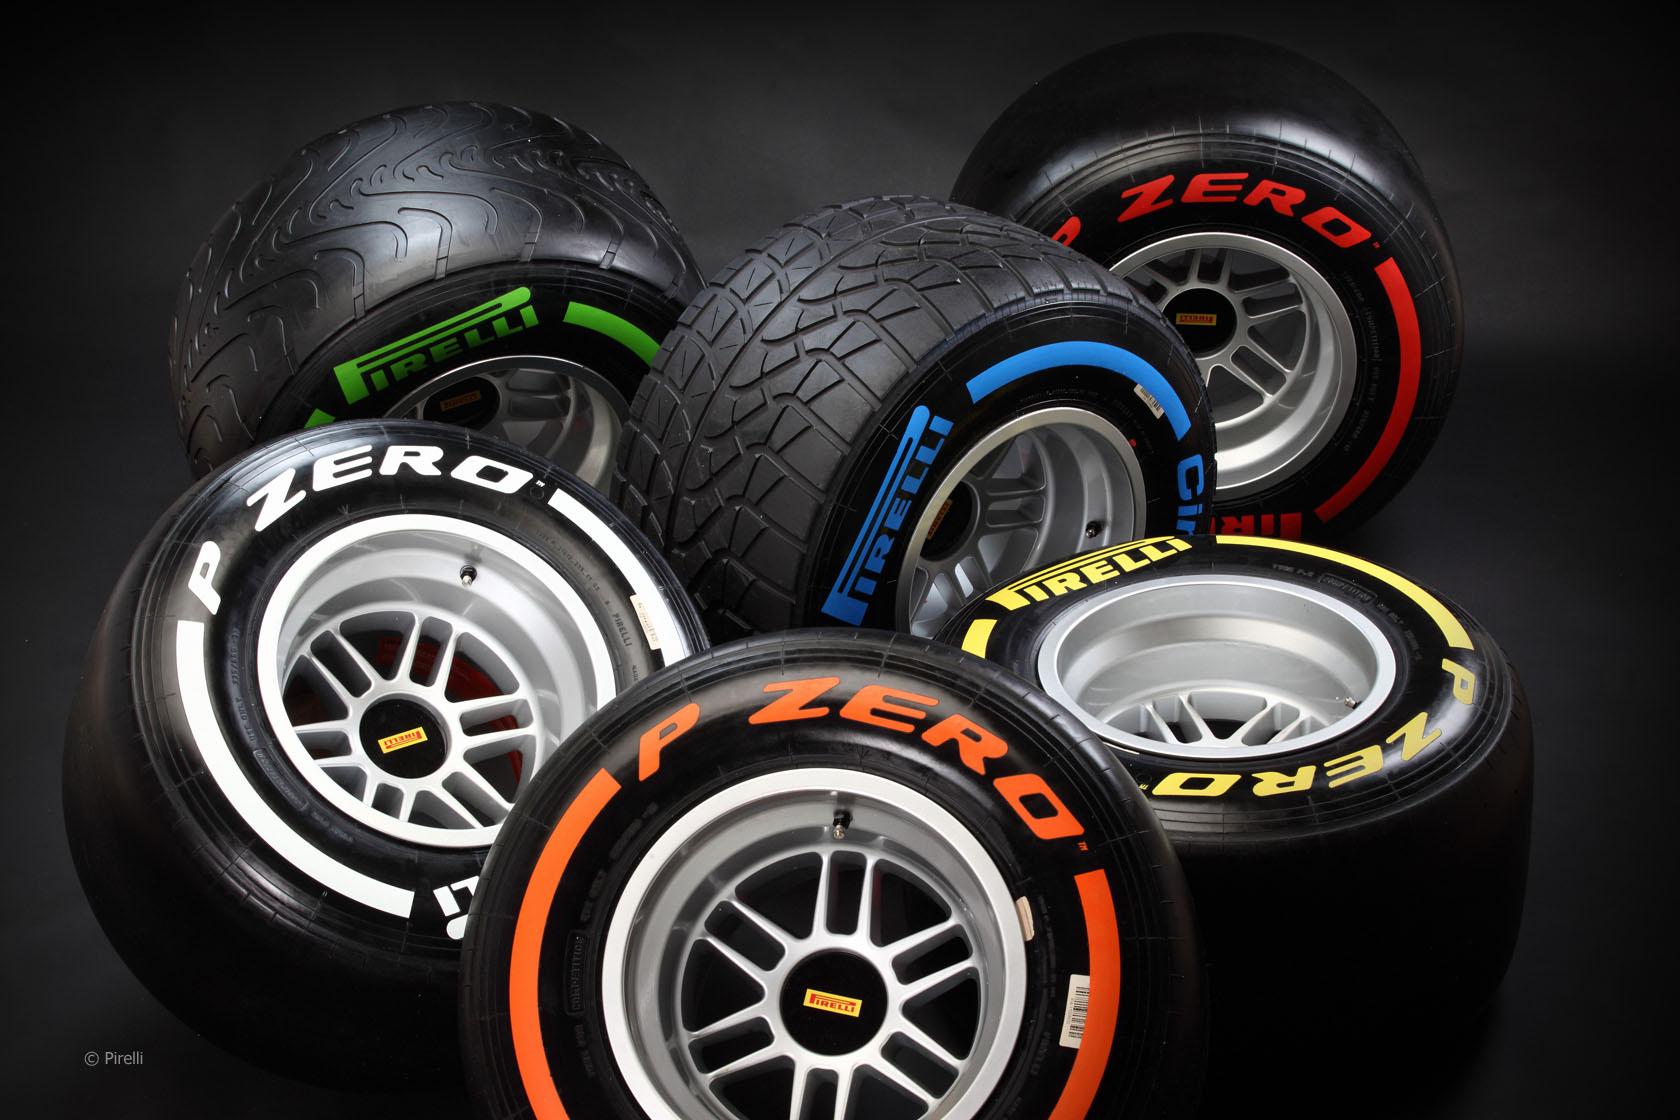 """F1: Hembery, Pirelli """"Serve un cambio nel circus prima del 2017"""""""